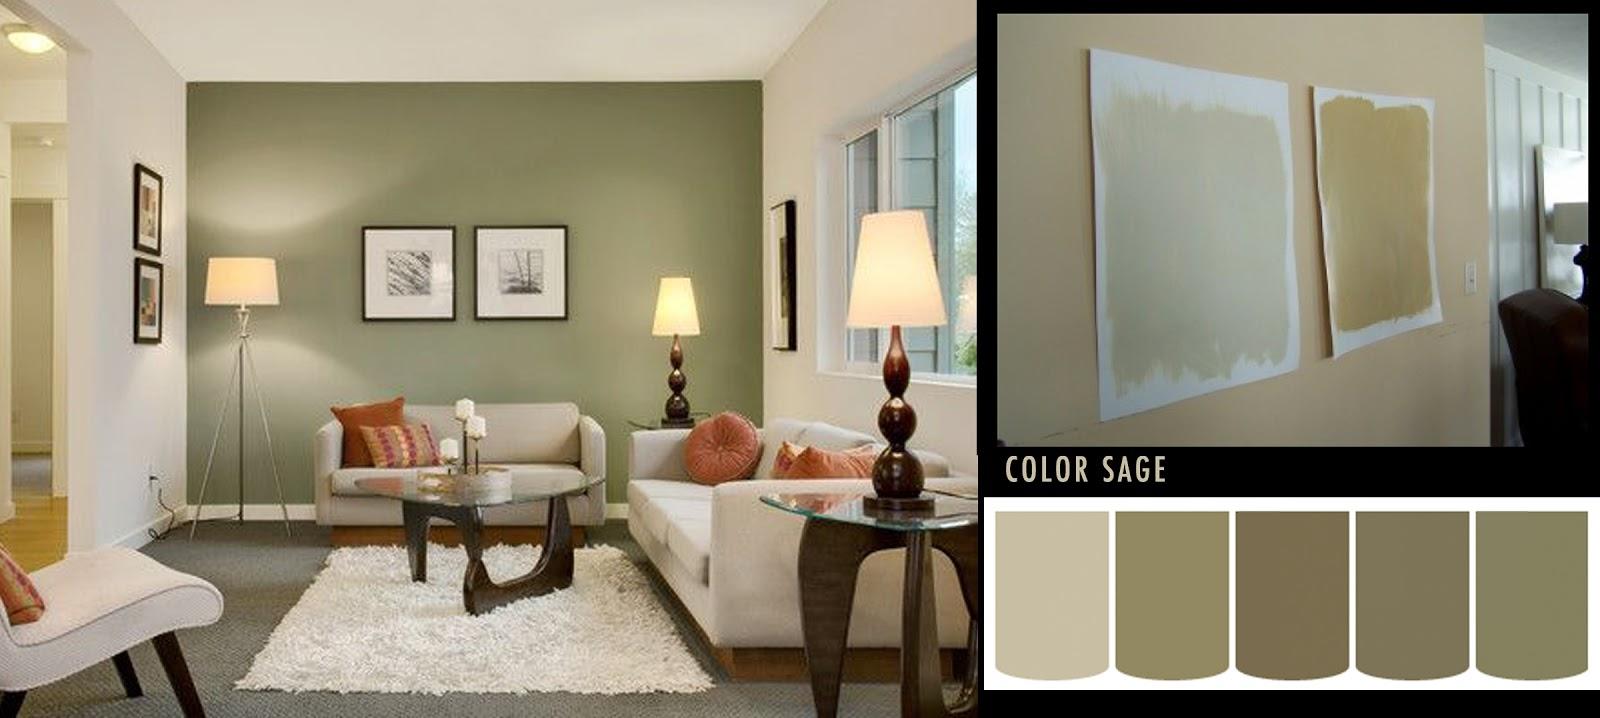 Ver colores de pinturas para interiores ver colores - Ver colores de pintura ...